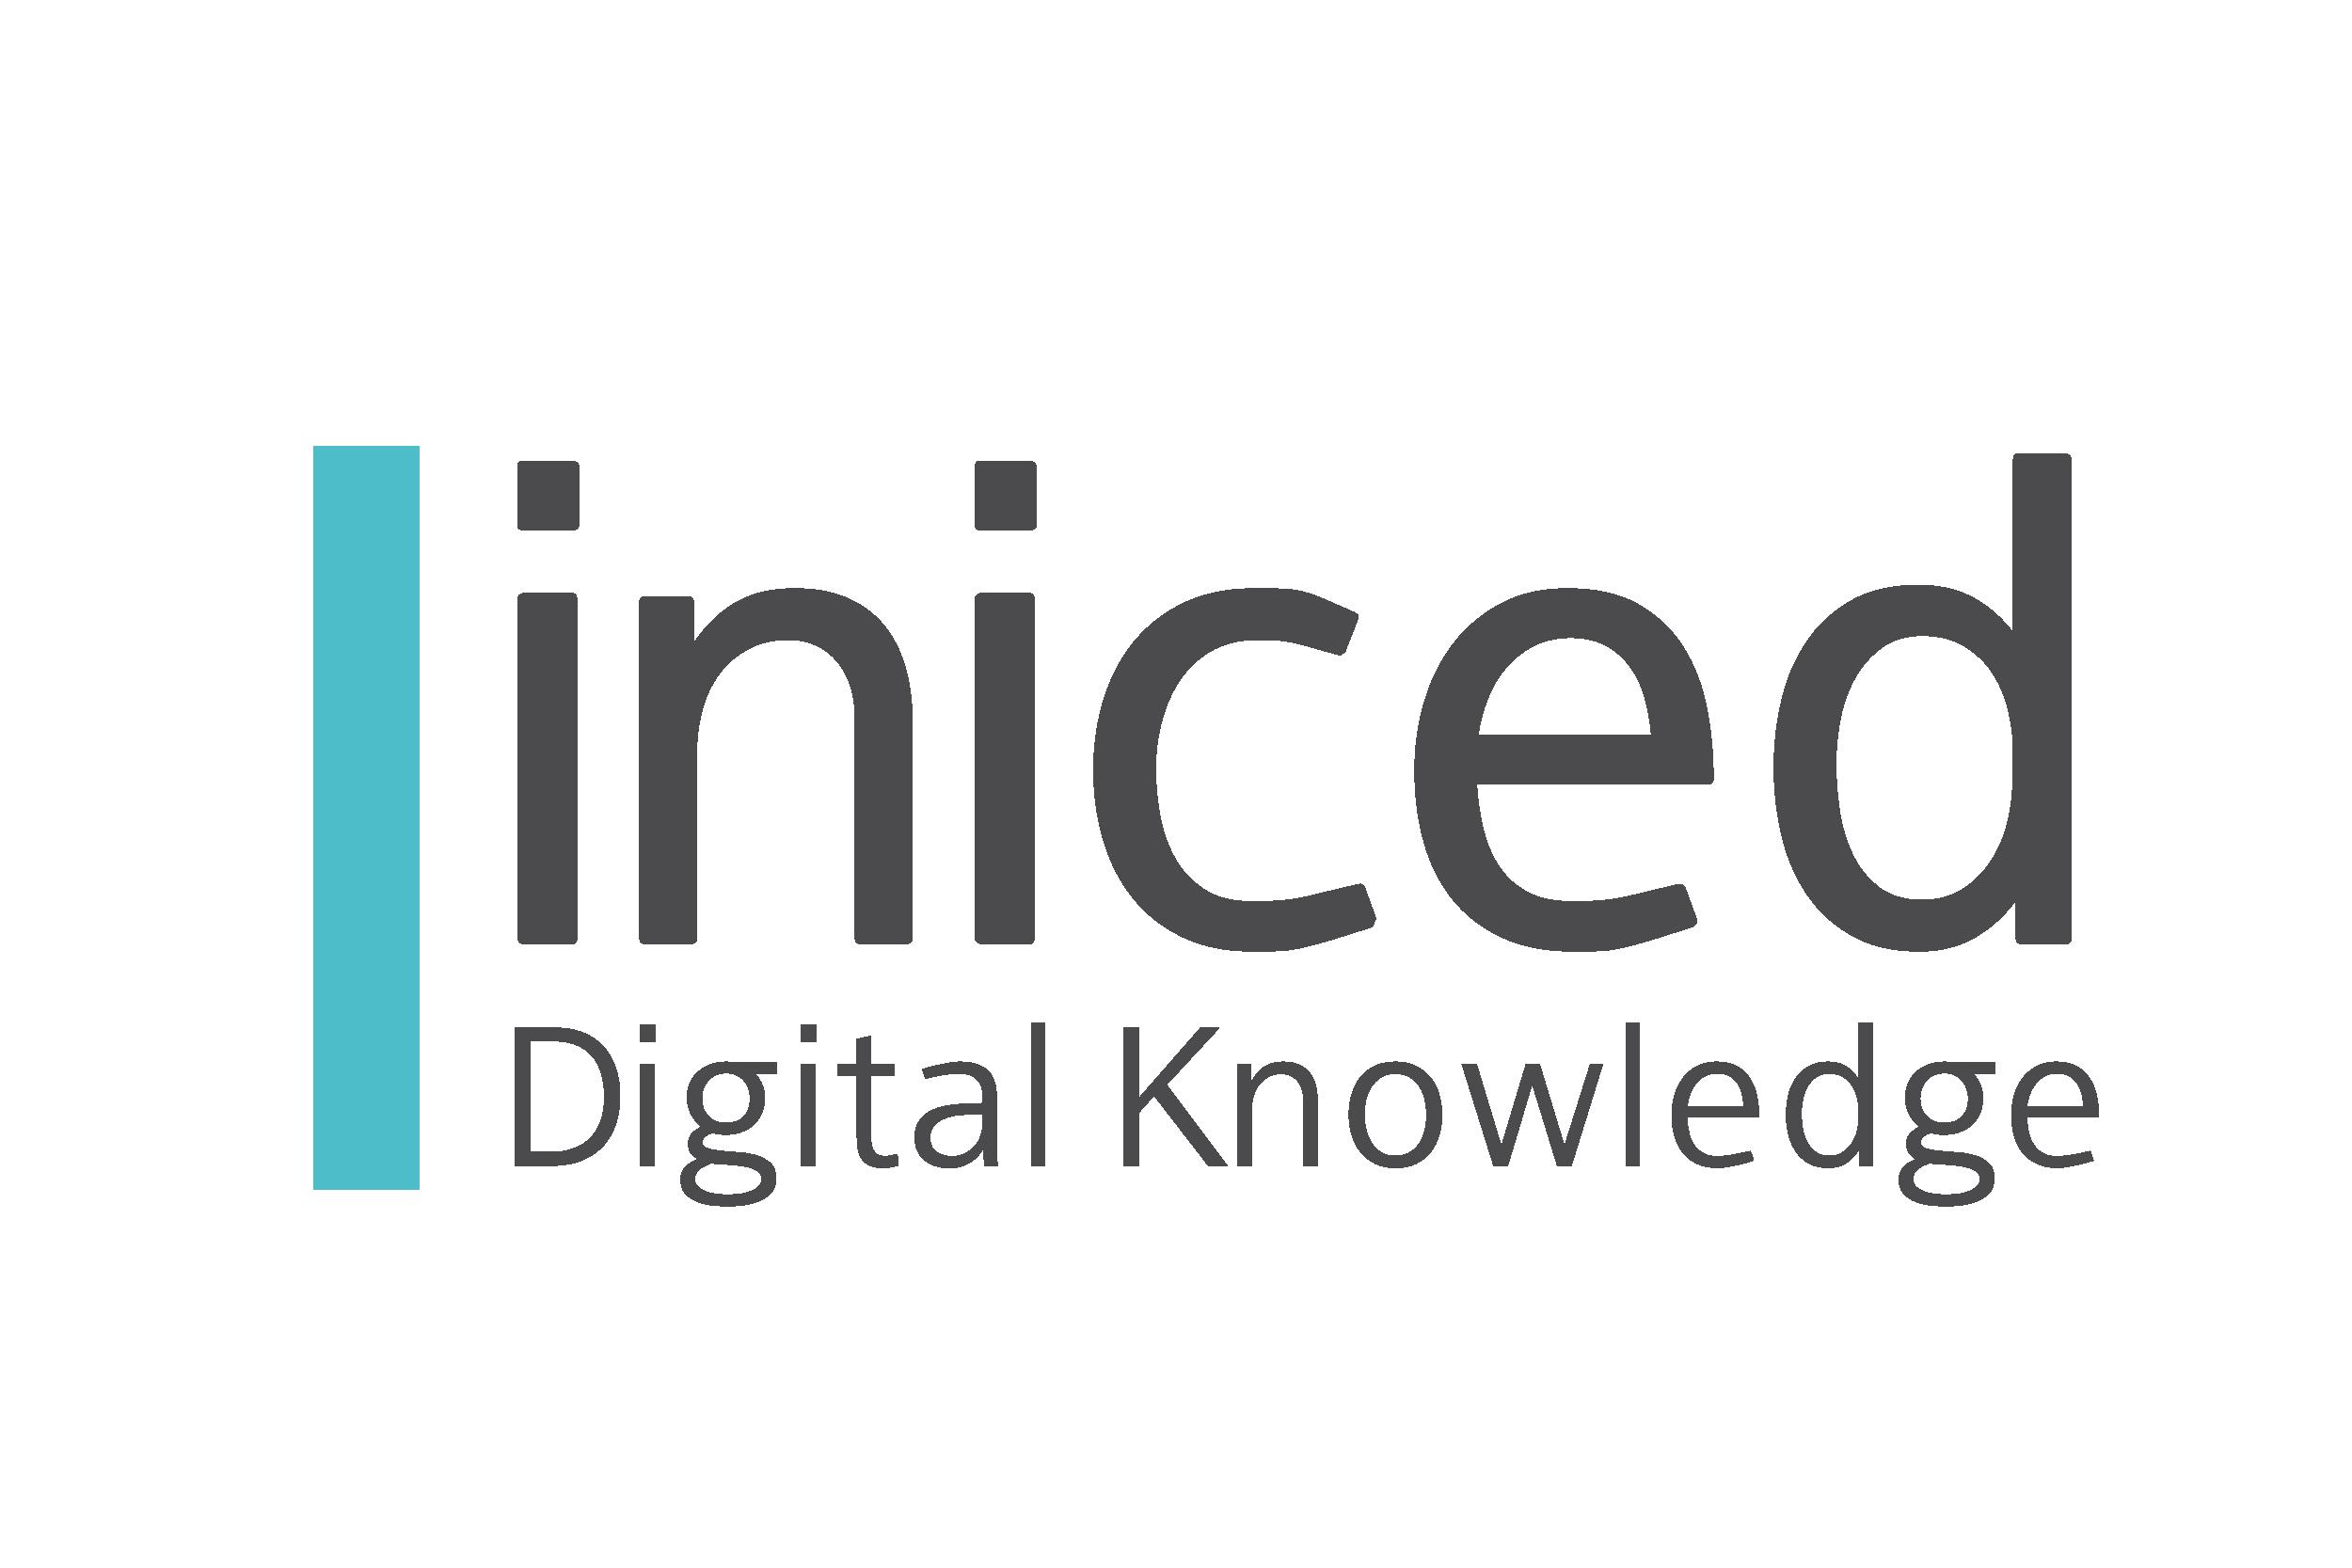 Estratégia digital i Formació Incompany Image